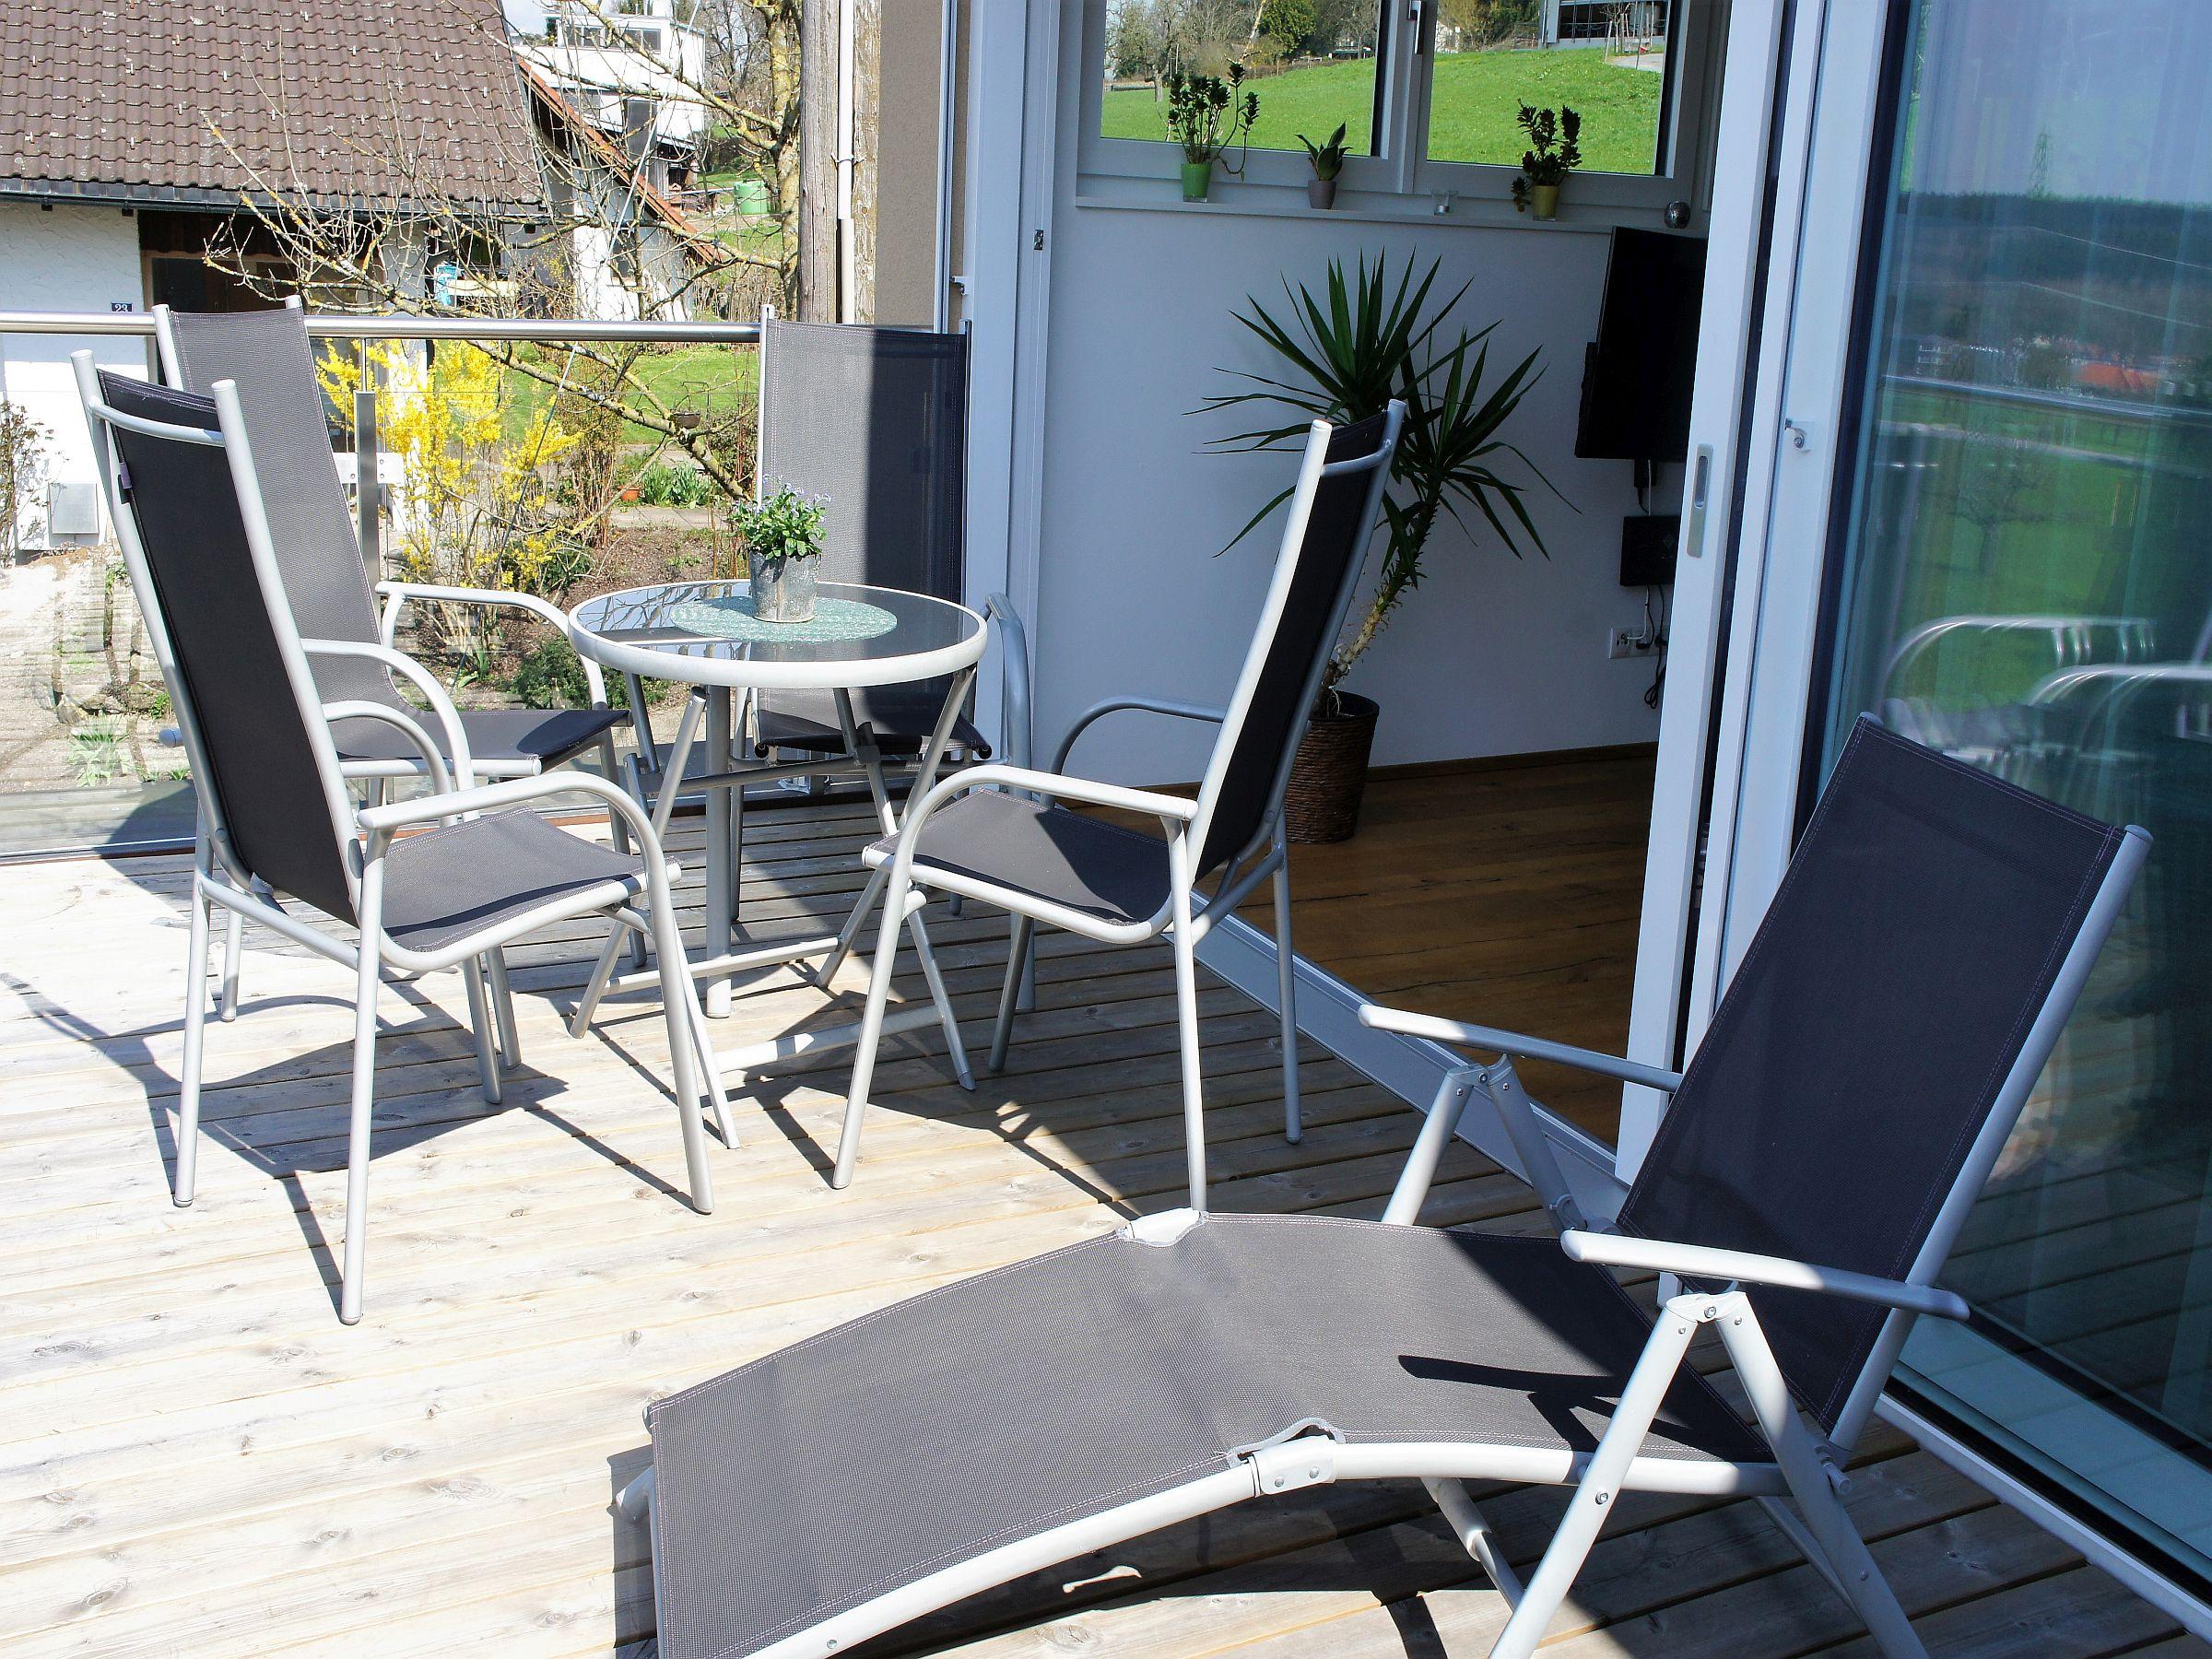 Appartement de vacances Sandra, (Hörbranz). Ferienwohnung Seeblick, 58qm, 1 Schlafzimmer, max. 4 Personen (2127338), Hörbranz, Bregenz, Vorarlberg, Autriche, image 10